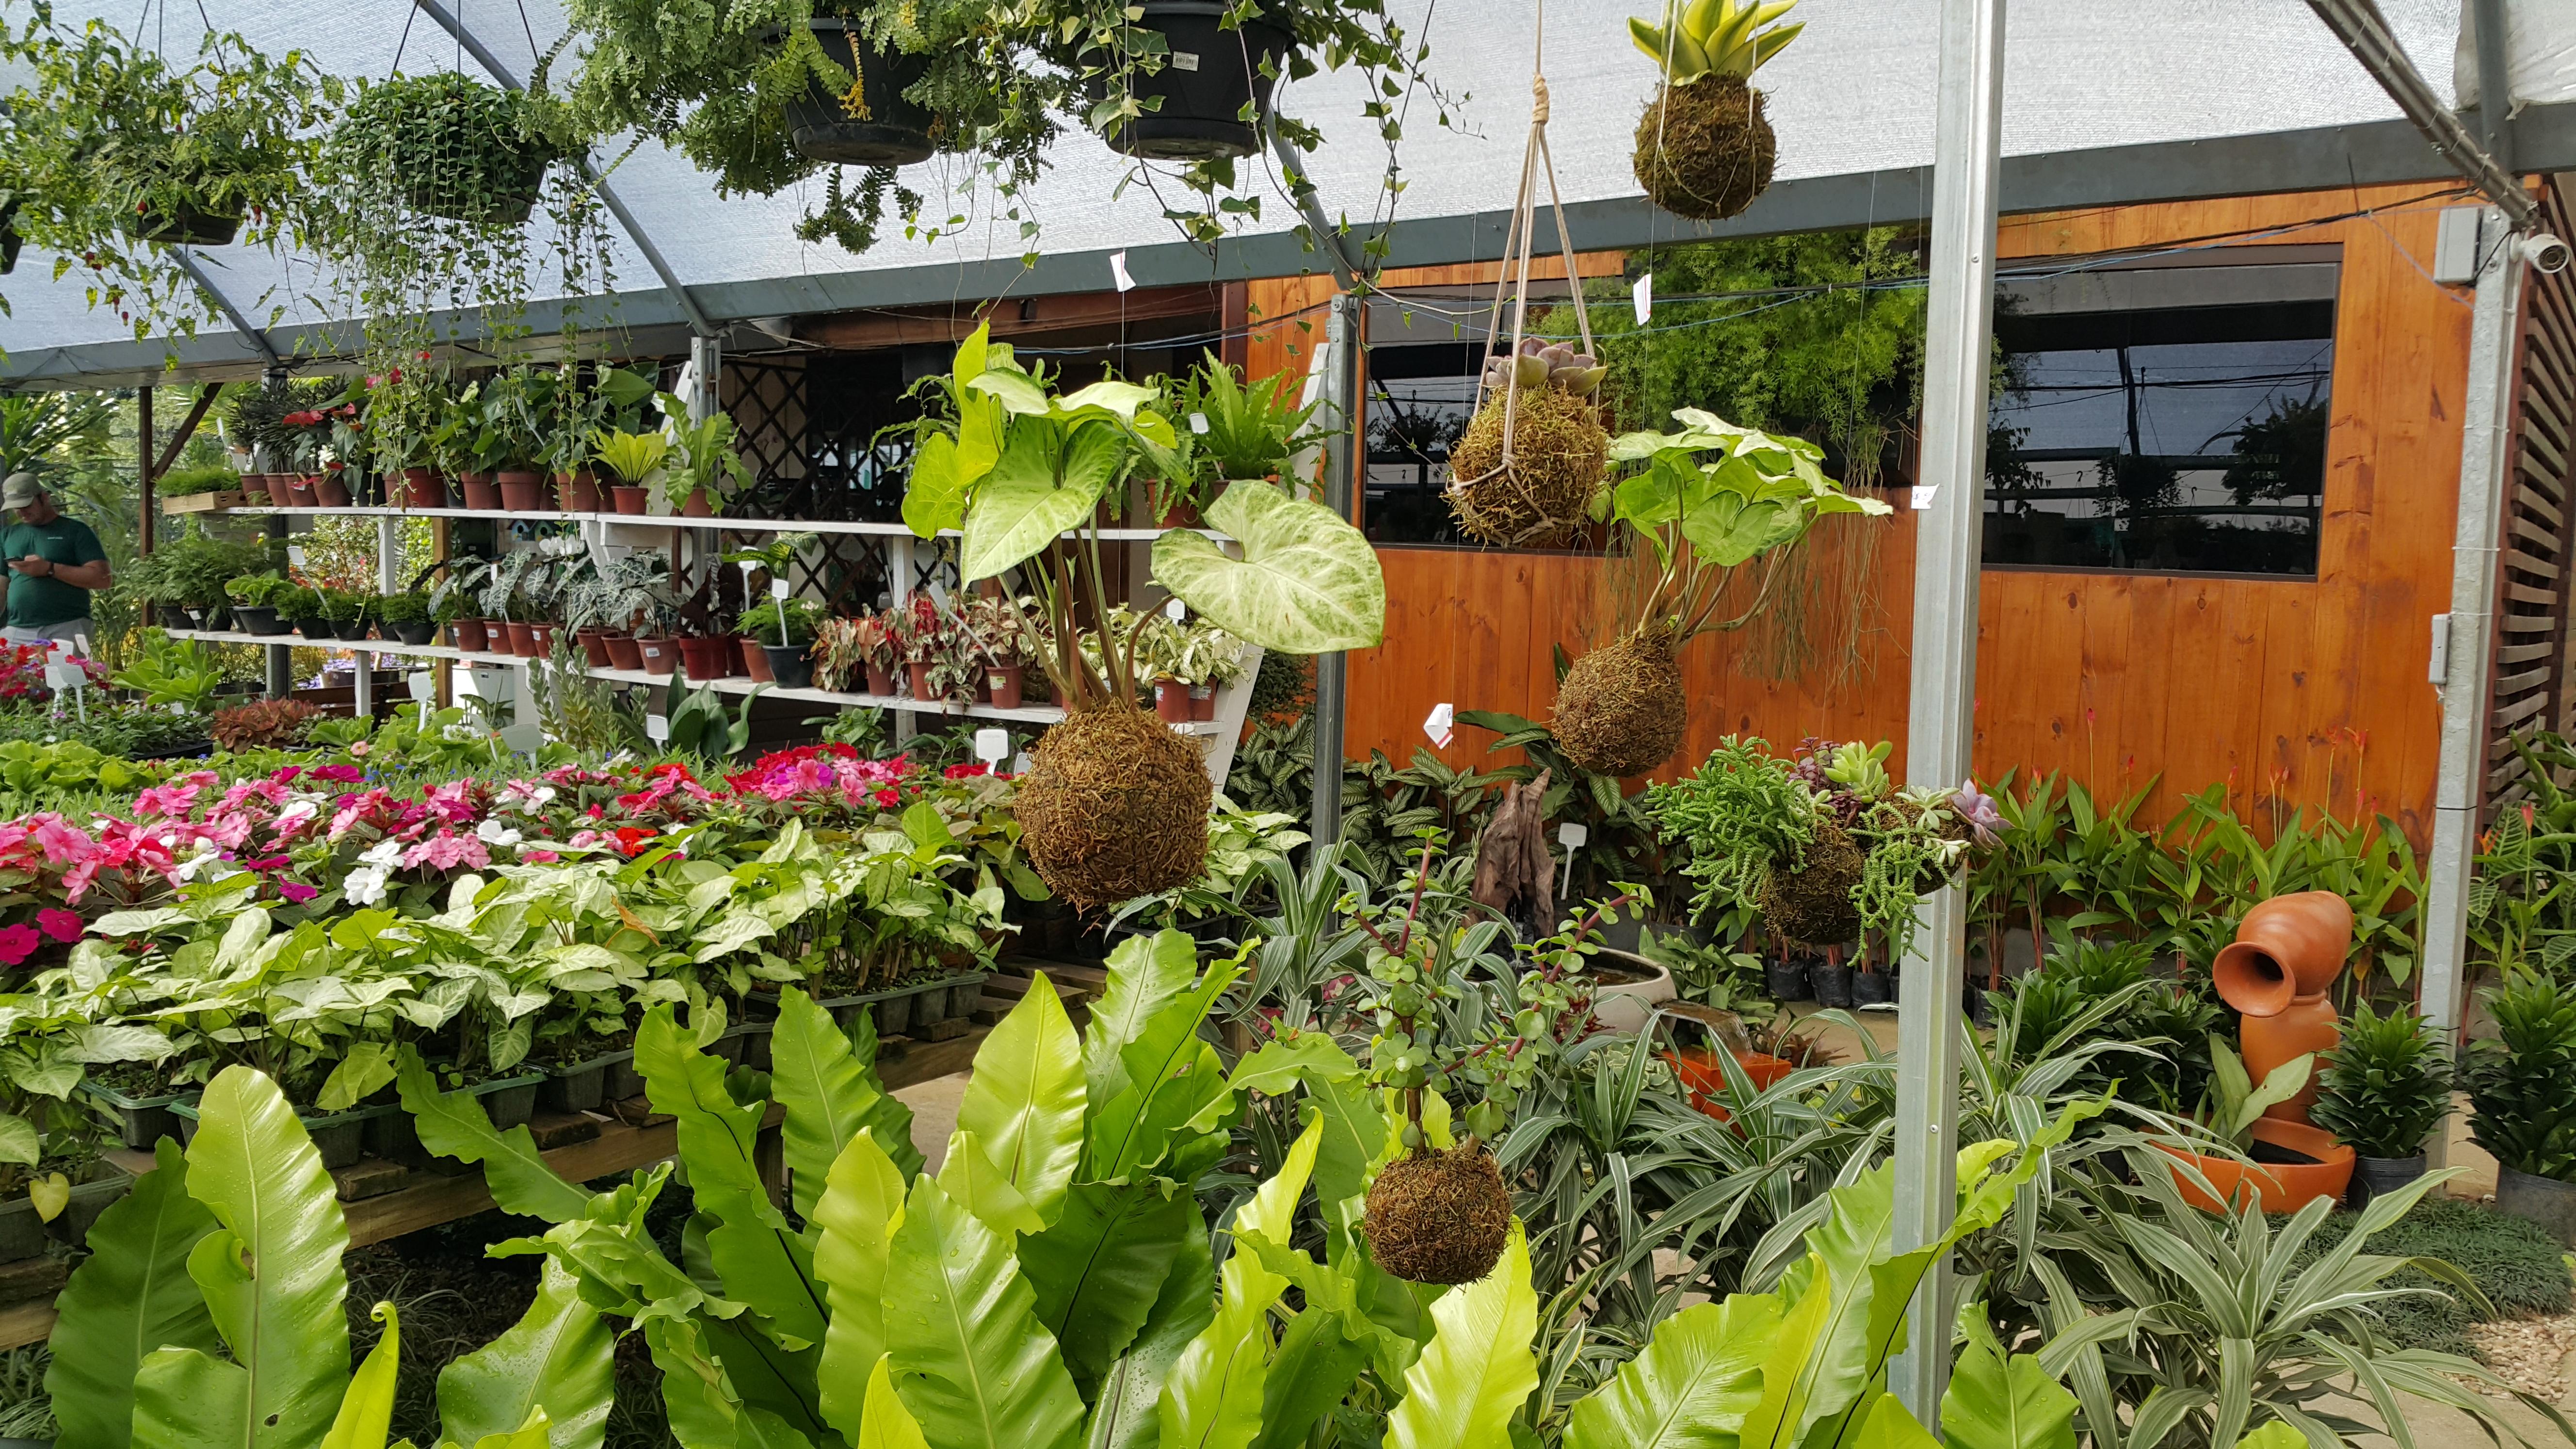 51dcf2301 Kokedama | Casa das Plantas - Garden Center e Projeto de Paisagismo |  Curitiba